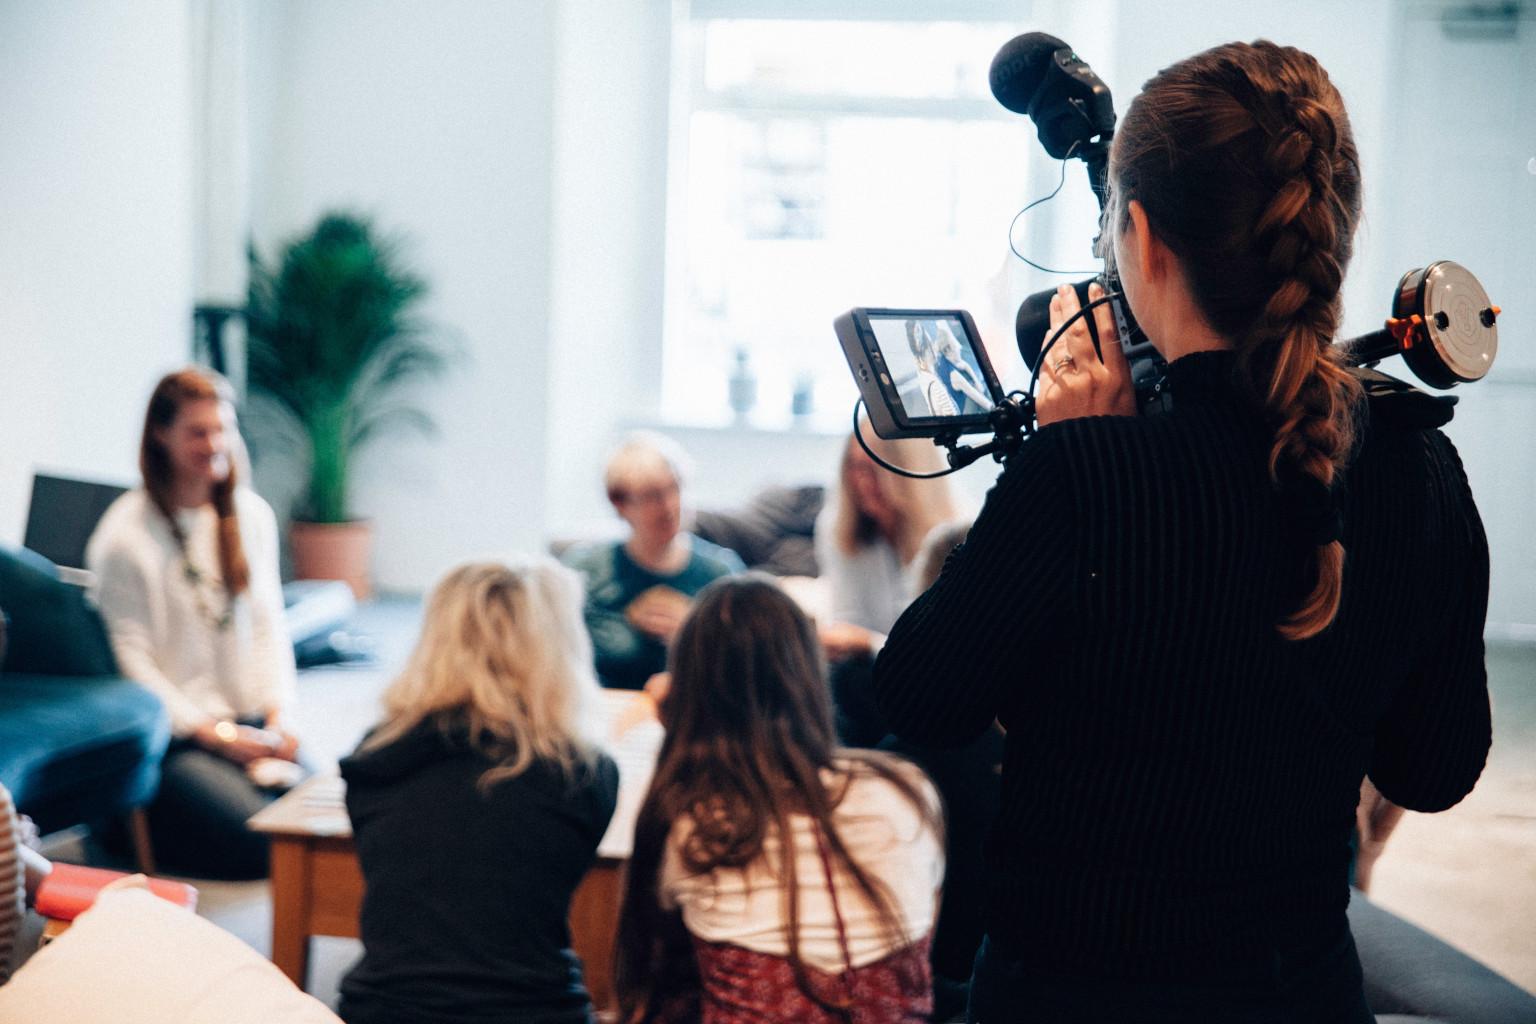 Gepardy Biznesu 2020 Branży Medialnej